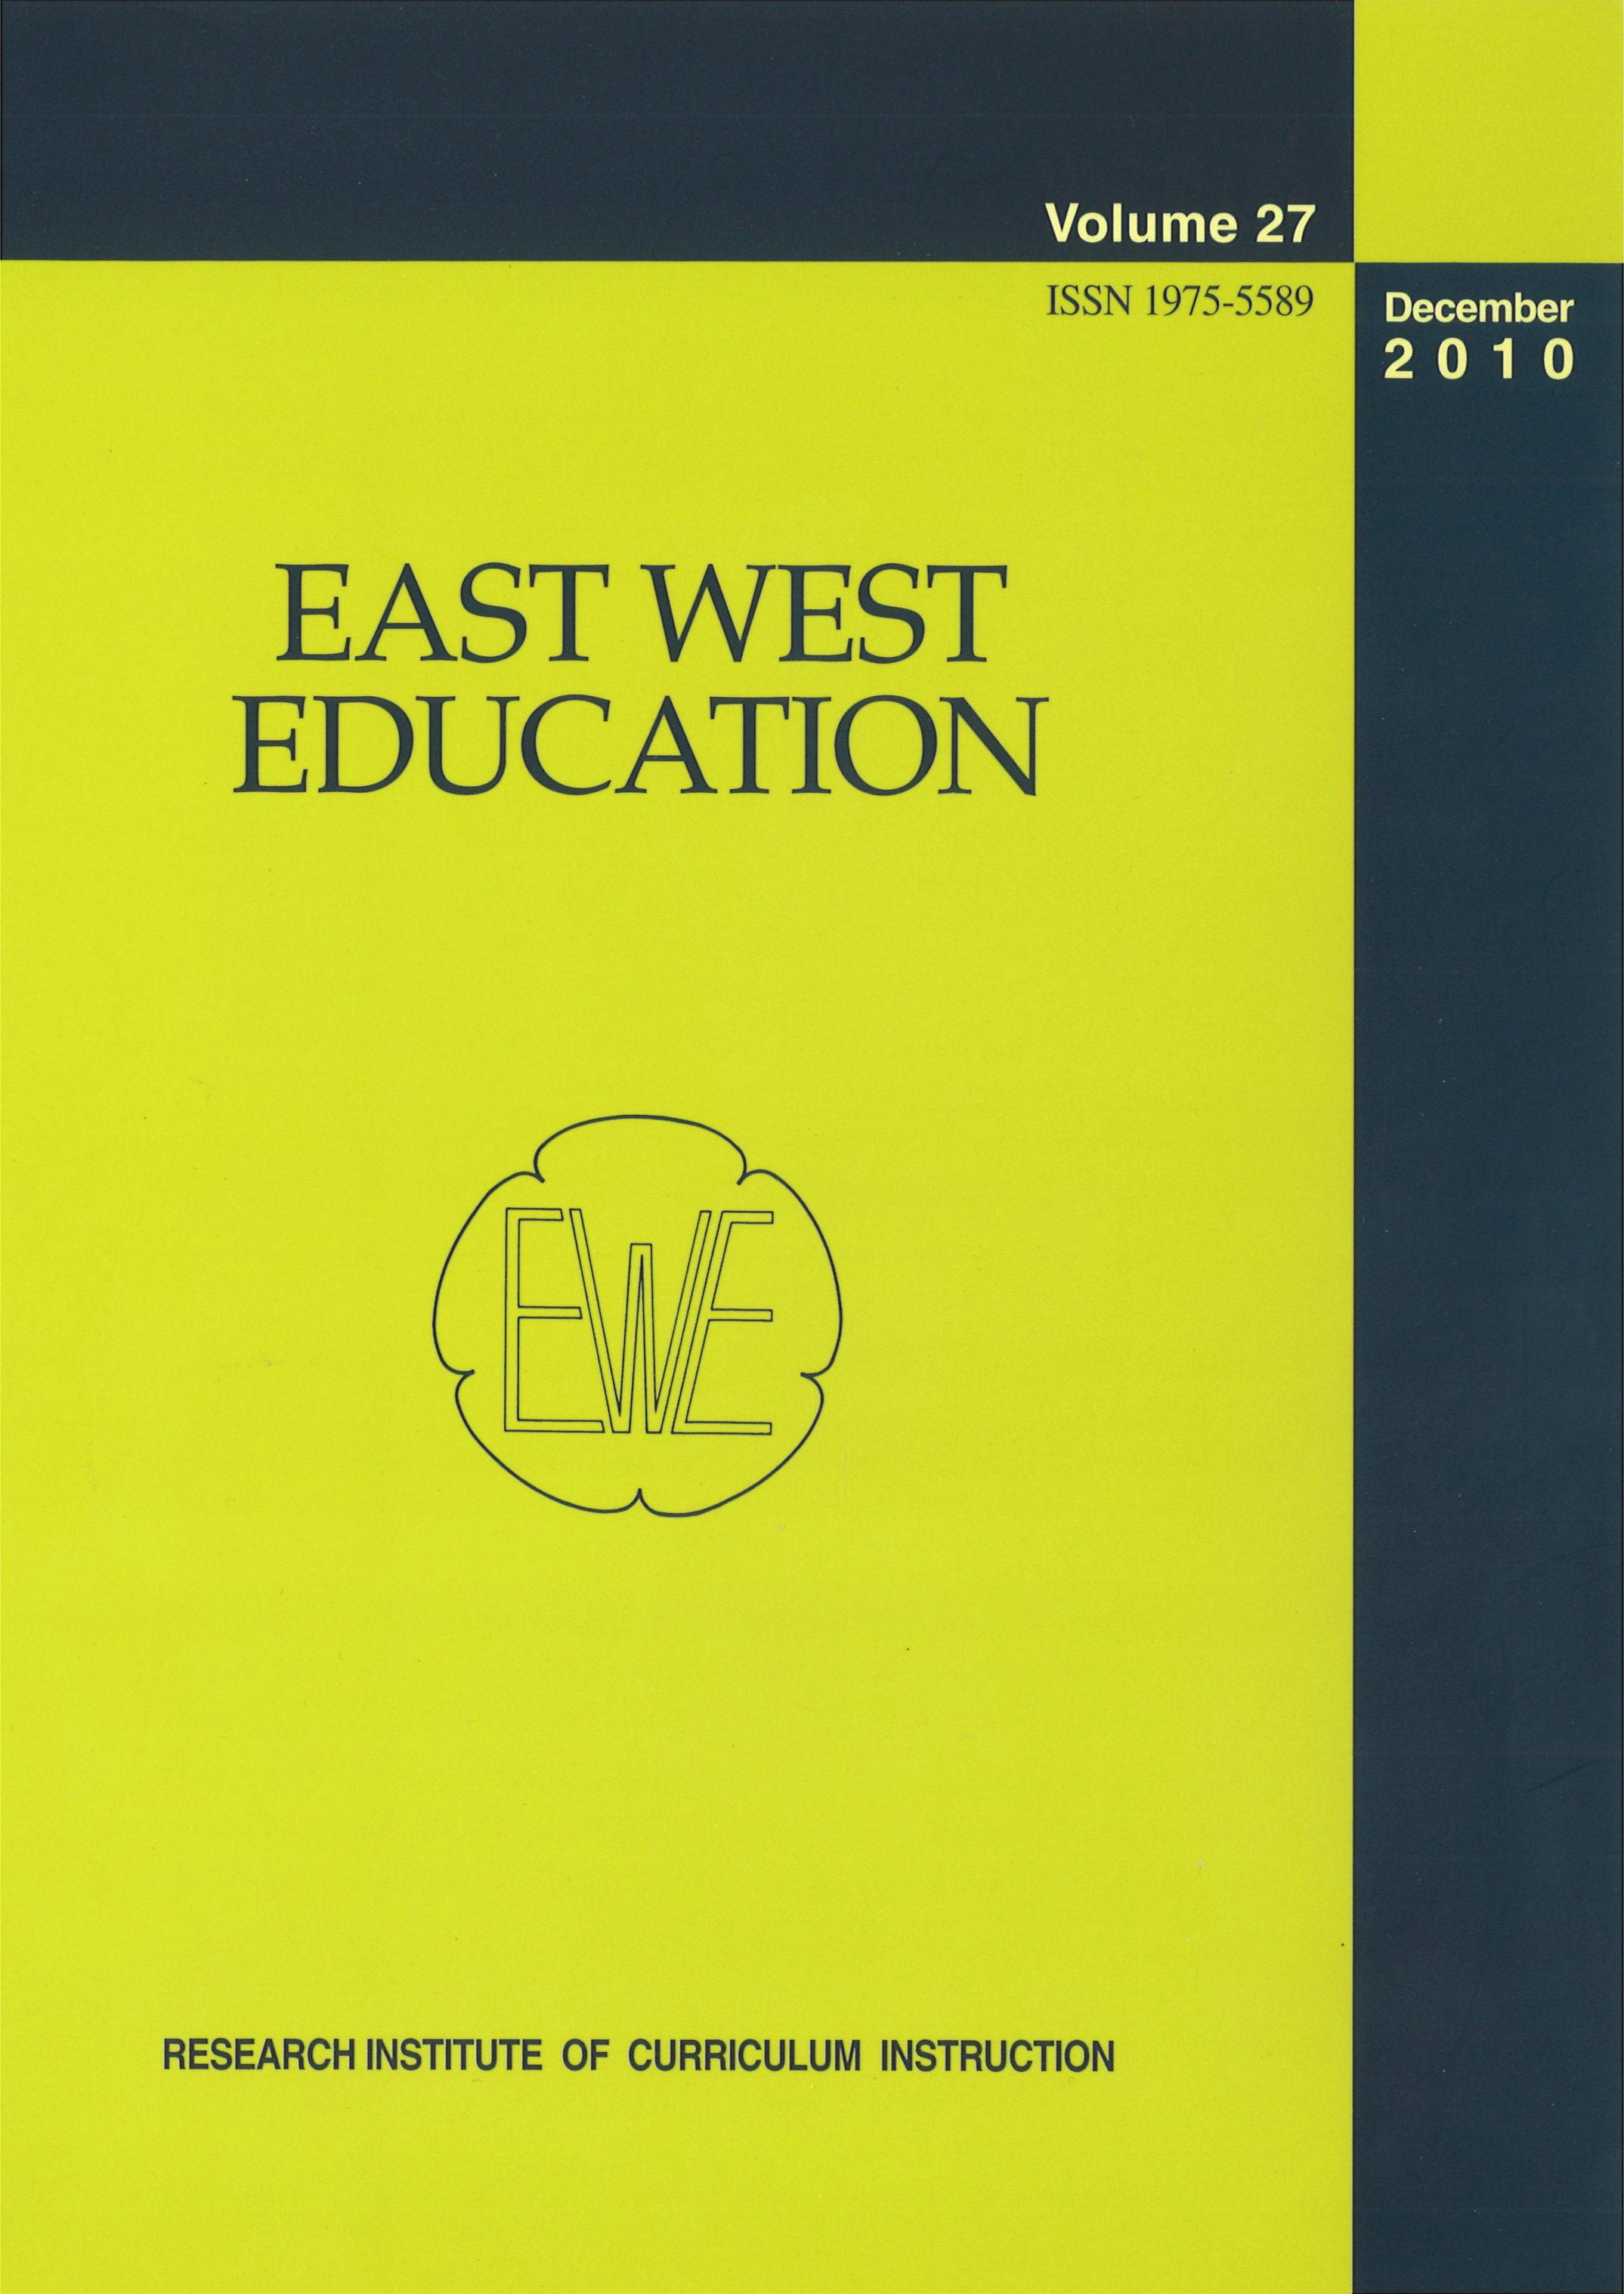 East west education : EWE